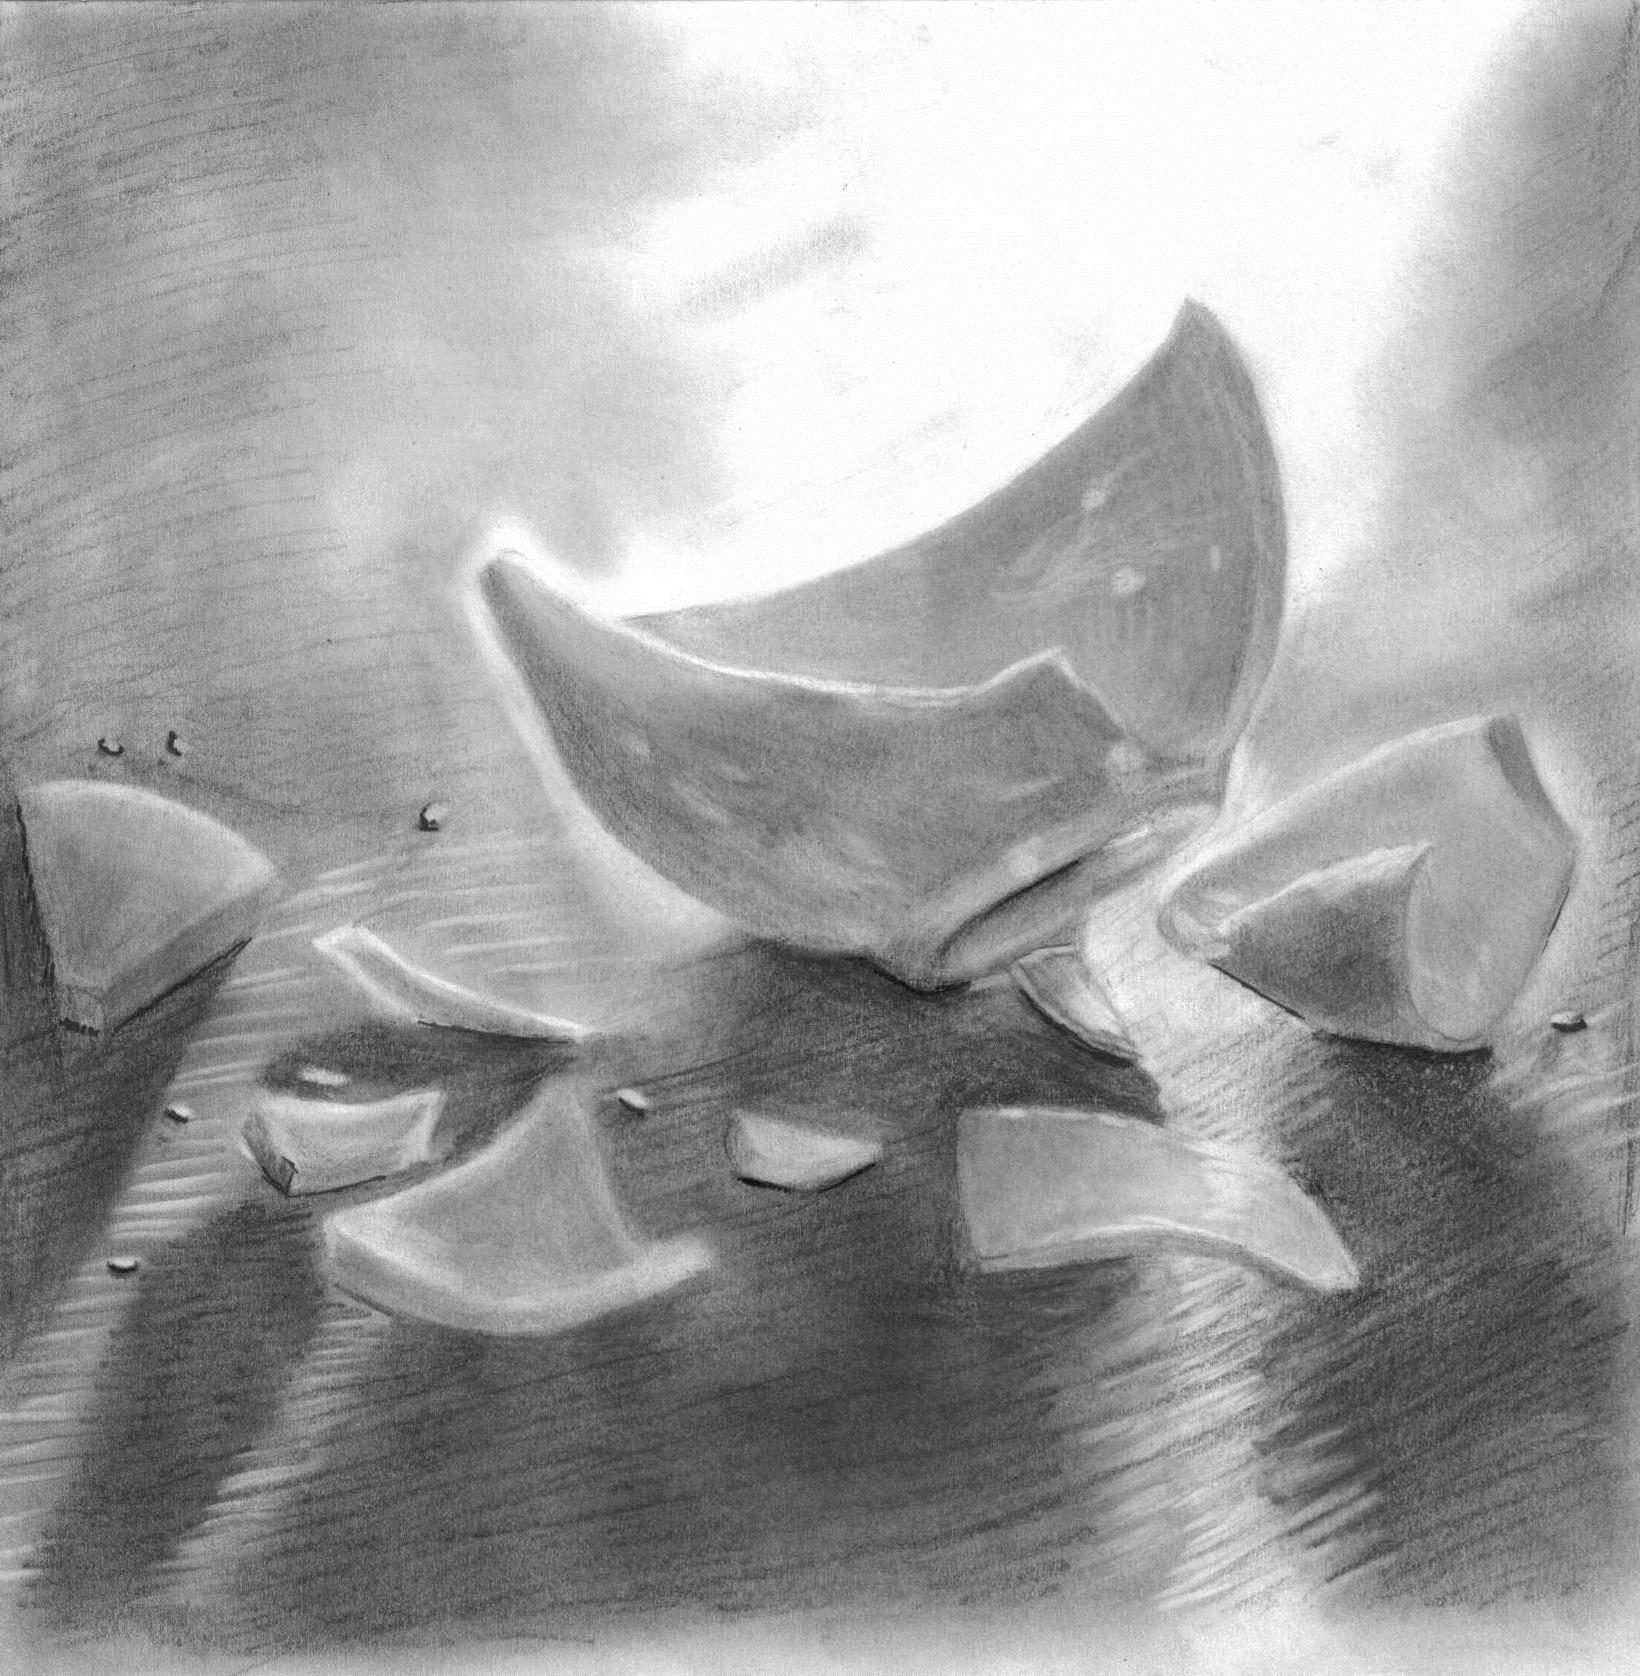 Broken Cup by ThenInMYsouL on DeviantArt